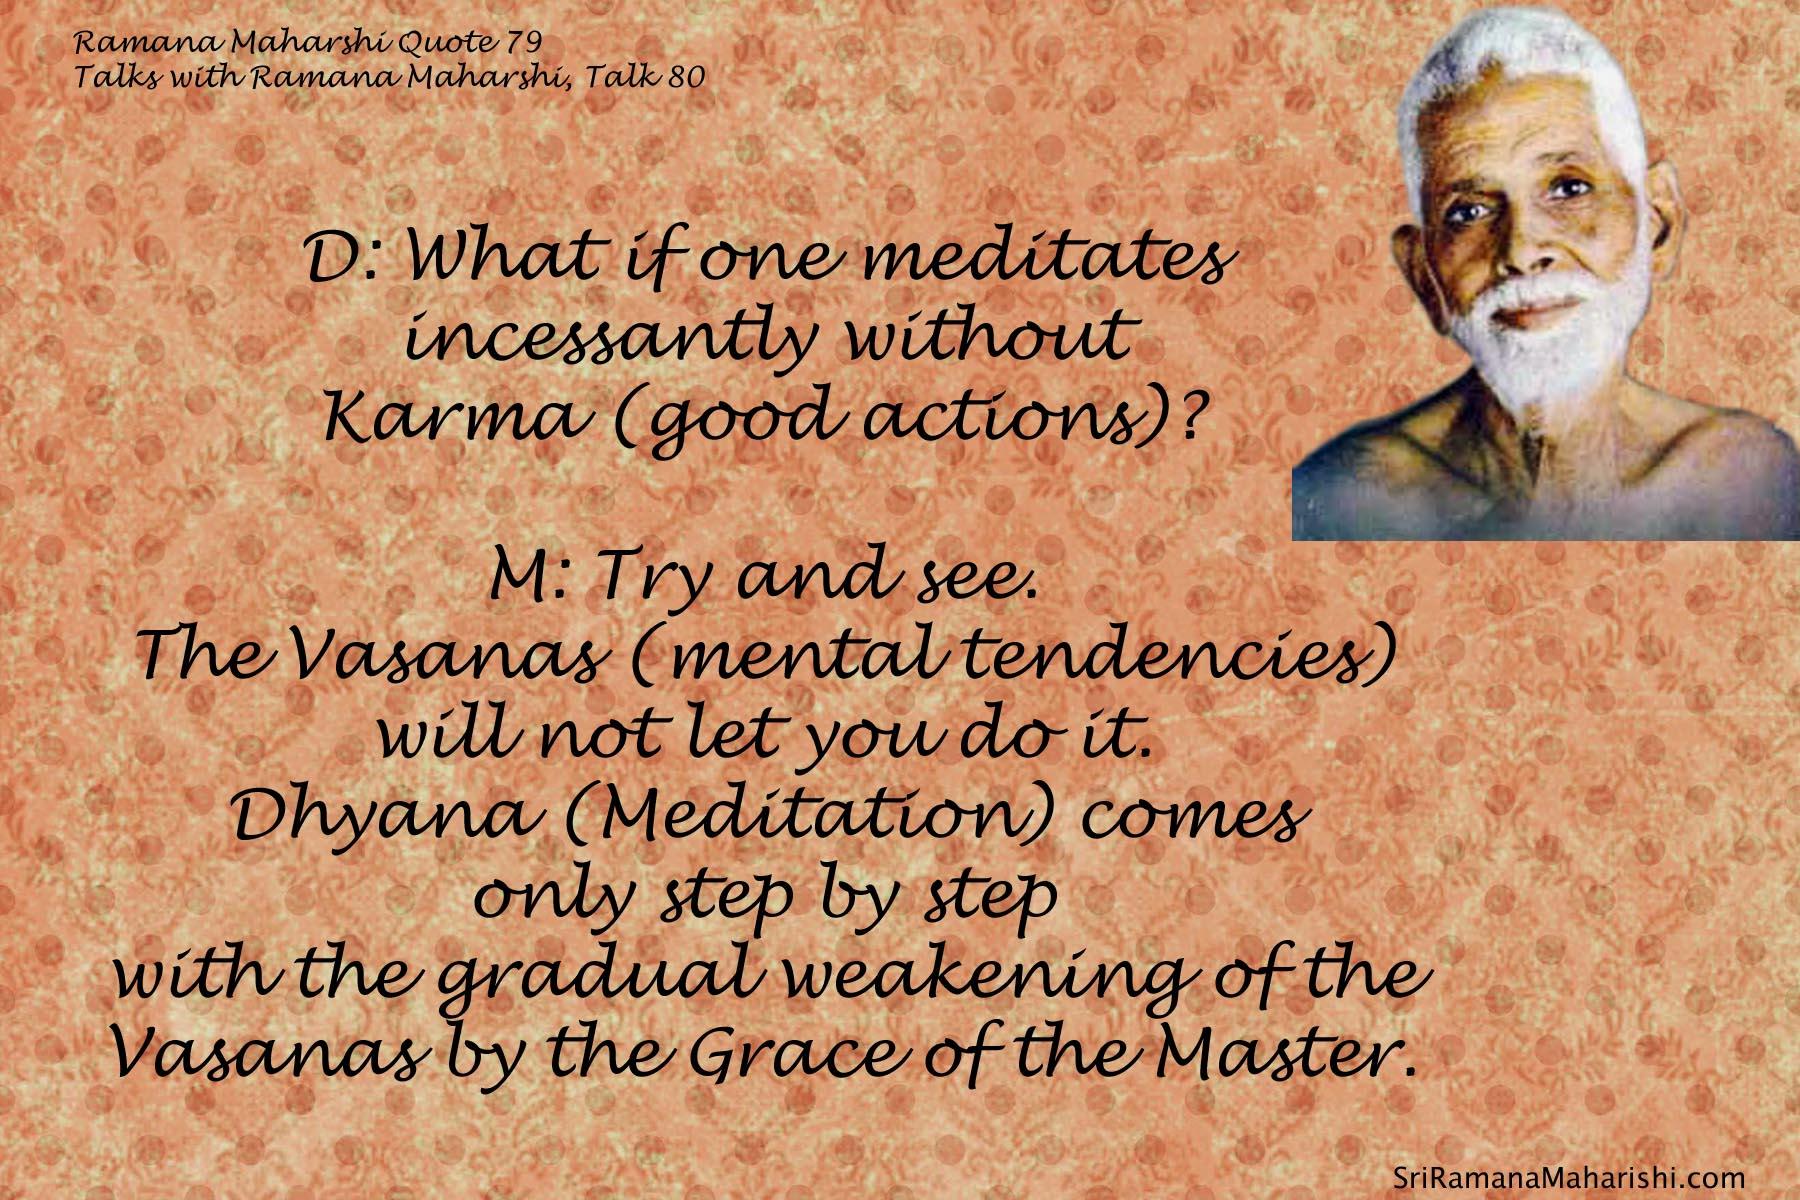 Ramana Maharshi Quote 79